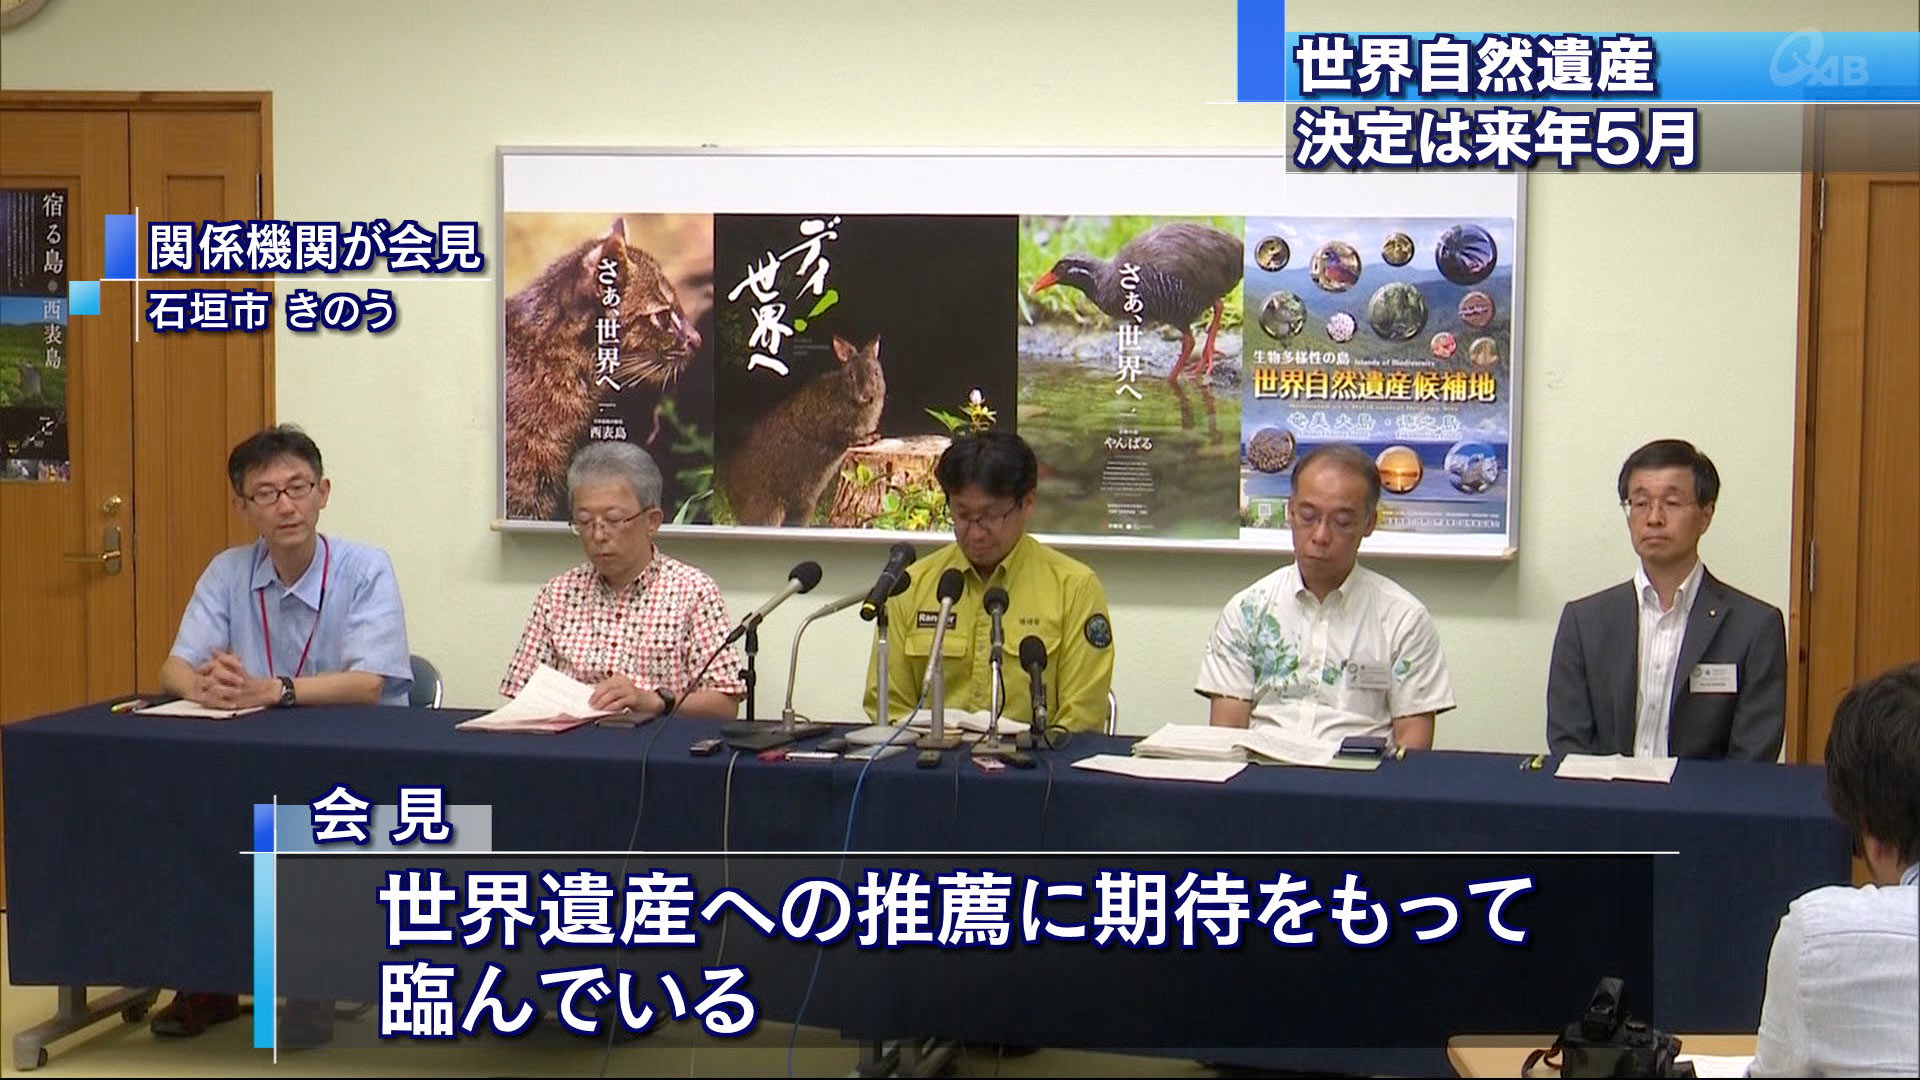 環境省の担当者などが石垣市で会見を開き、世界遺産への推薦に期待をもって望んでいると説明